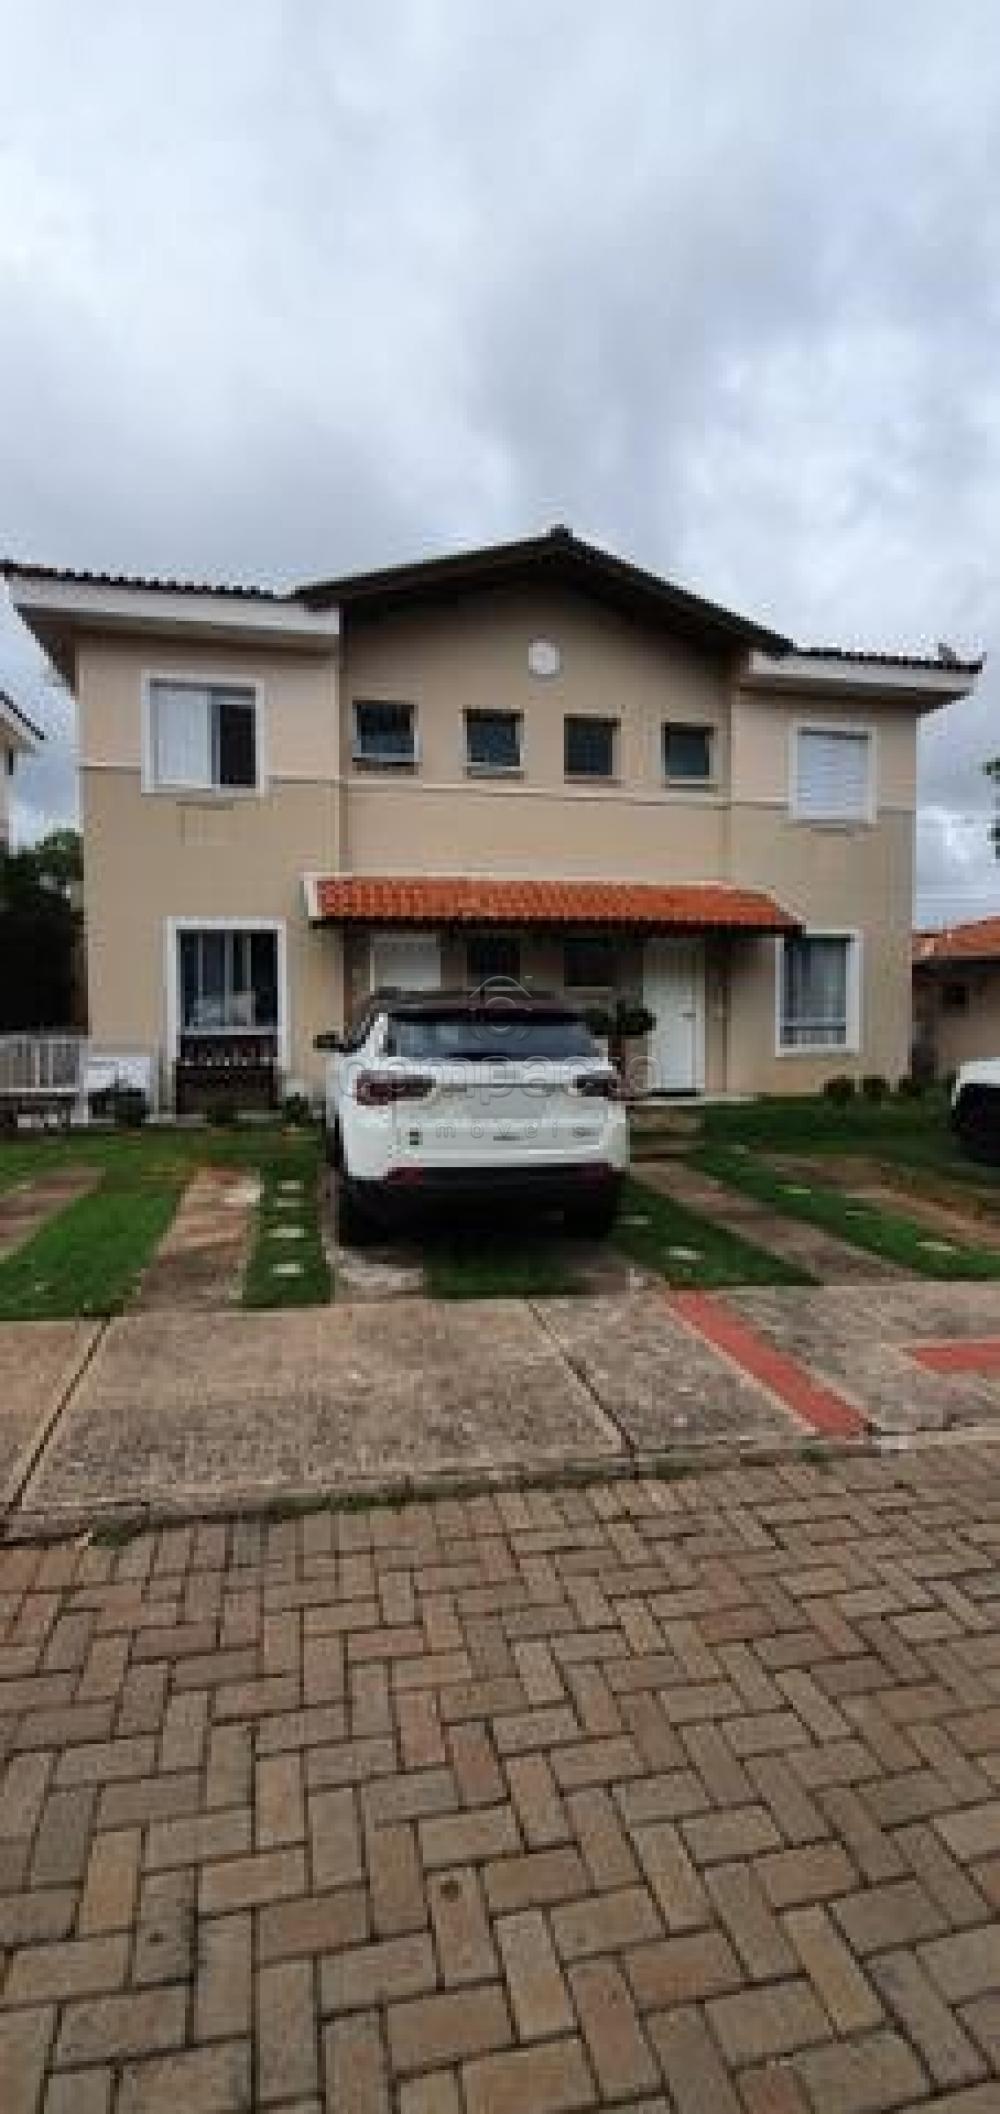 Comprar Casa / Condomínio em São José do Rio Preto apenas R$ 535.000,00 - Foto 1